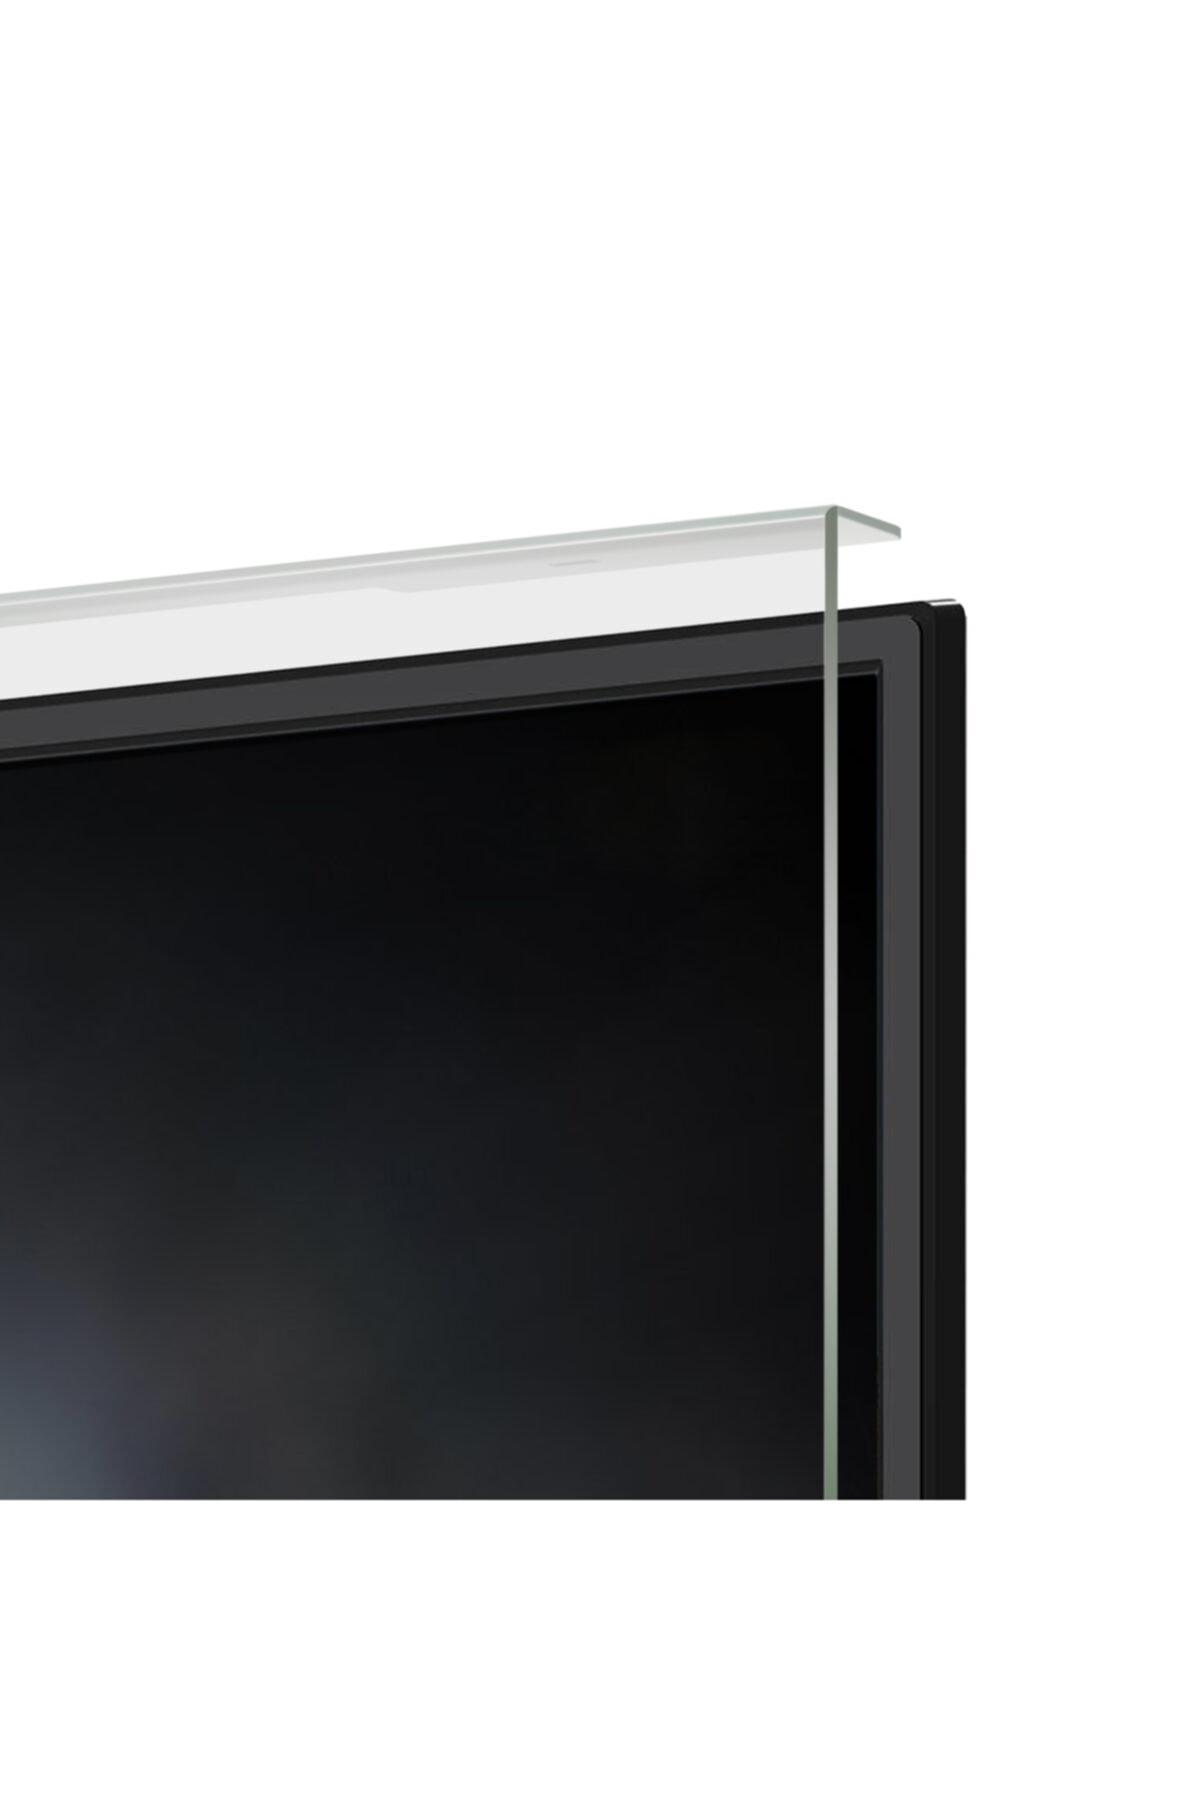 50 Inç 127 Ekran Tv Ekran Koruyucu